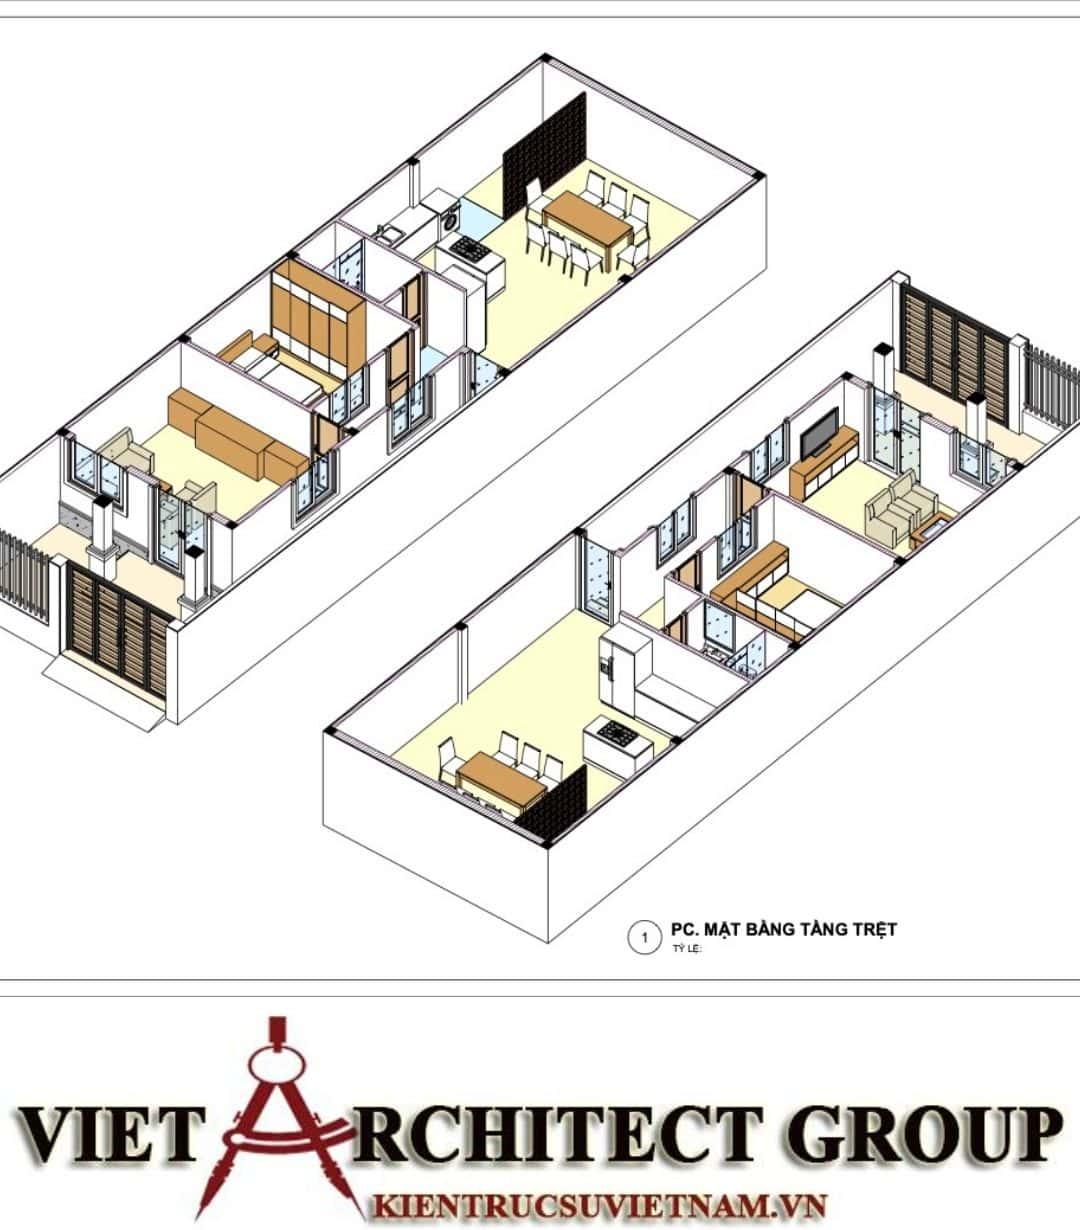 6 17 - Công trình nhà ở trệt mái thái diện tích 120m2 Mr Thi - Thủ Đức, TPHCM